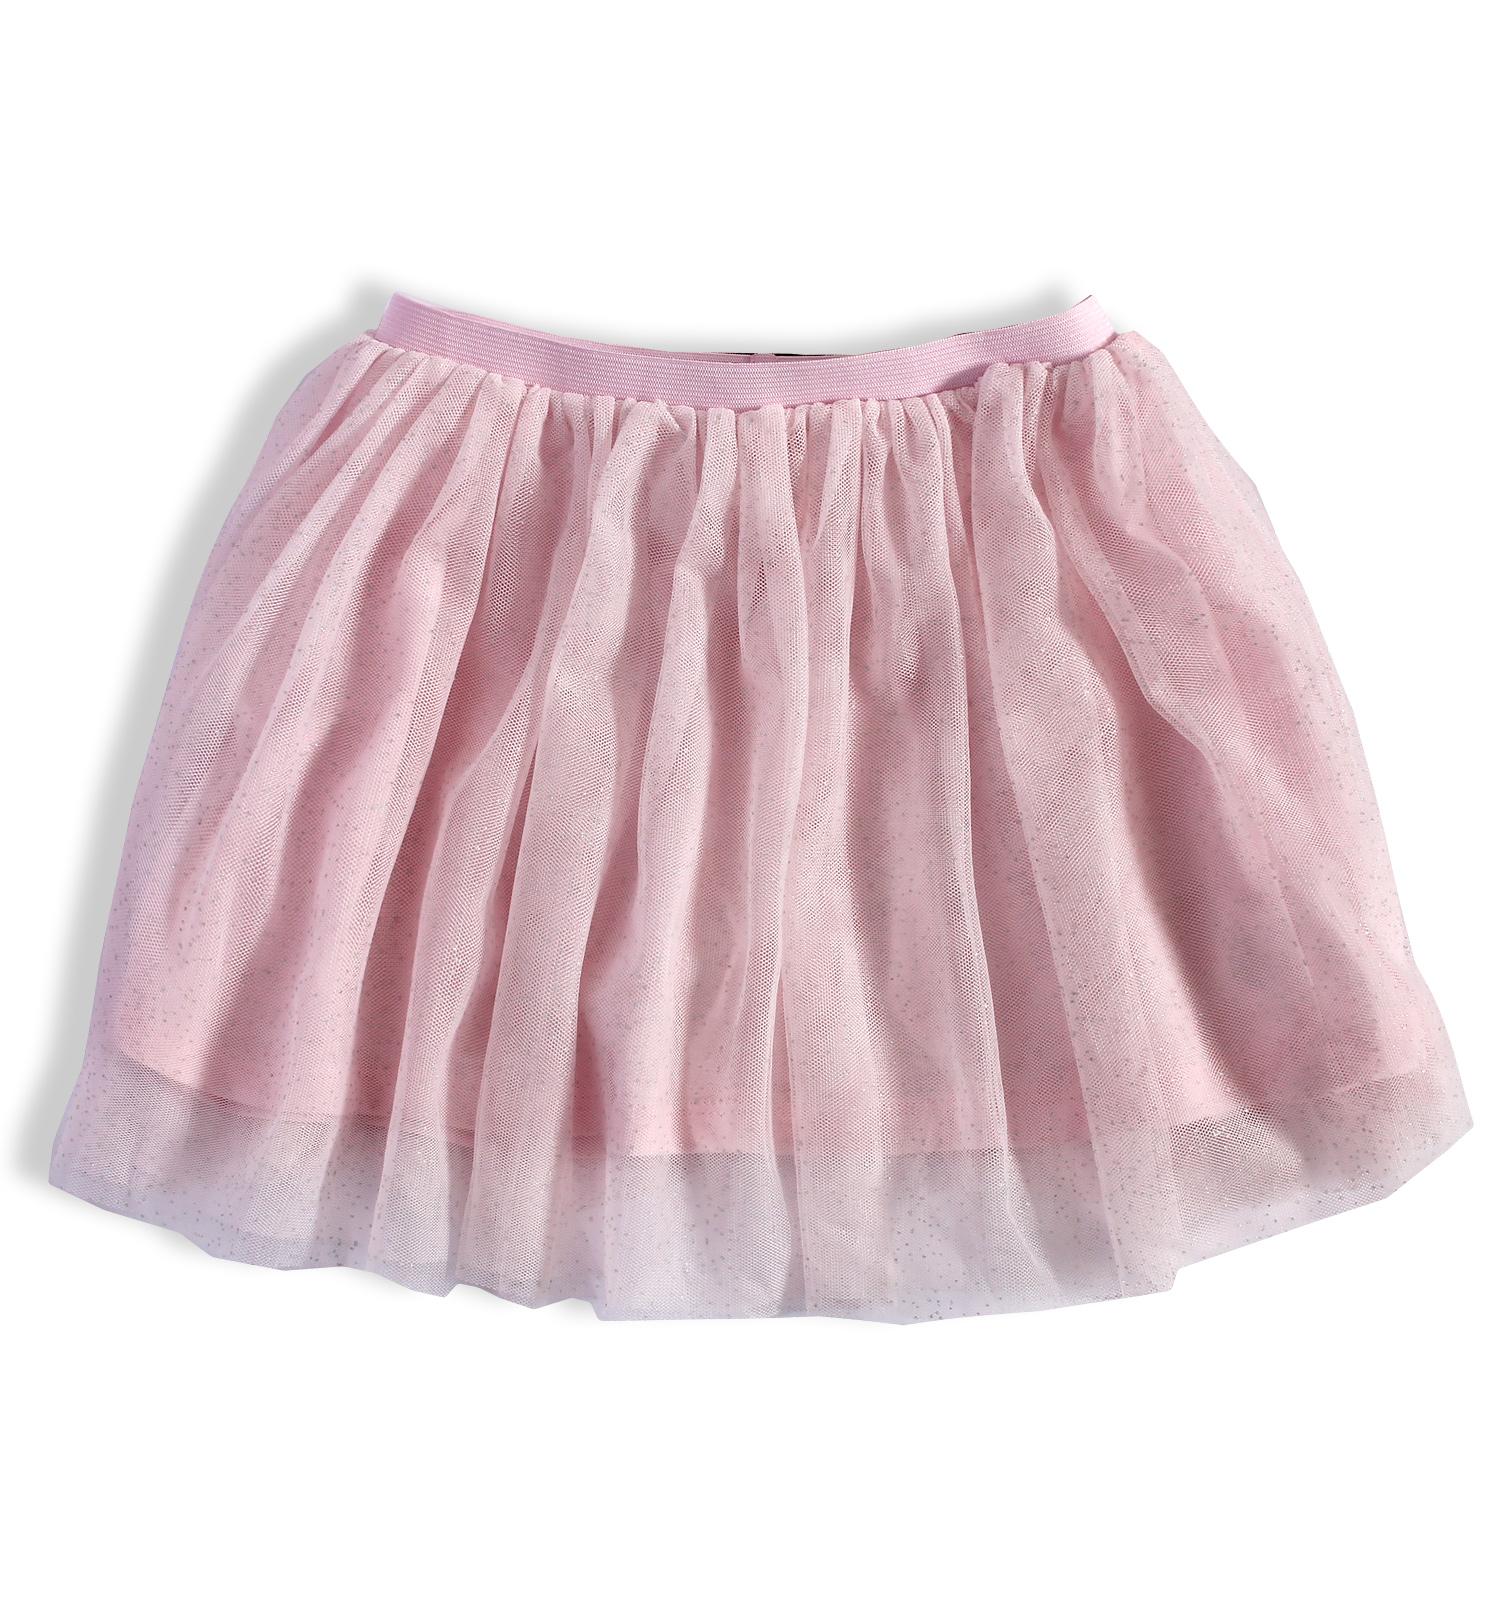 Kojenecká tutu sukně MINOTI BERRY růžová Velikost: 74-80